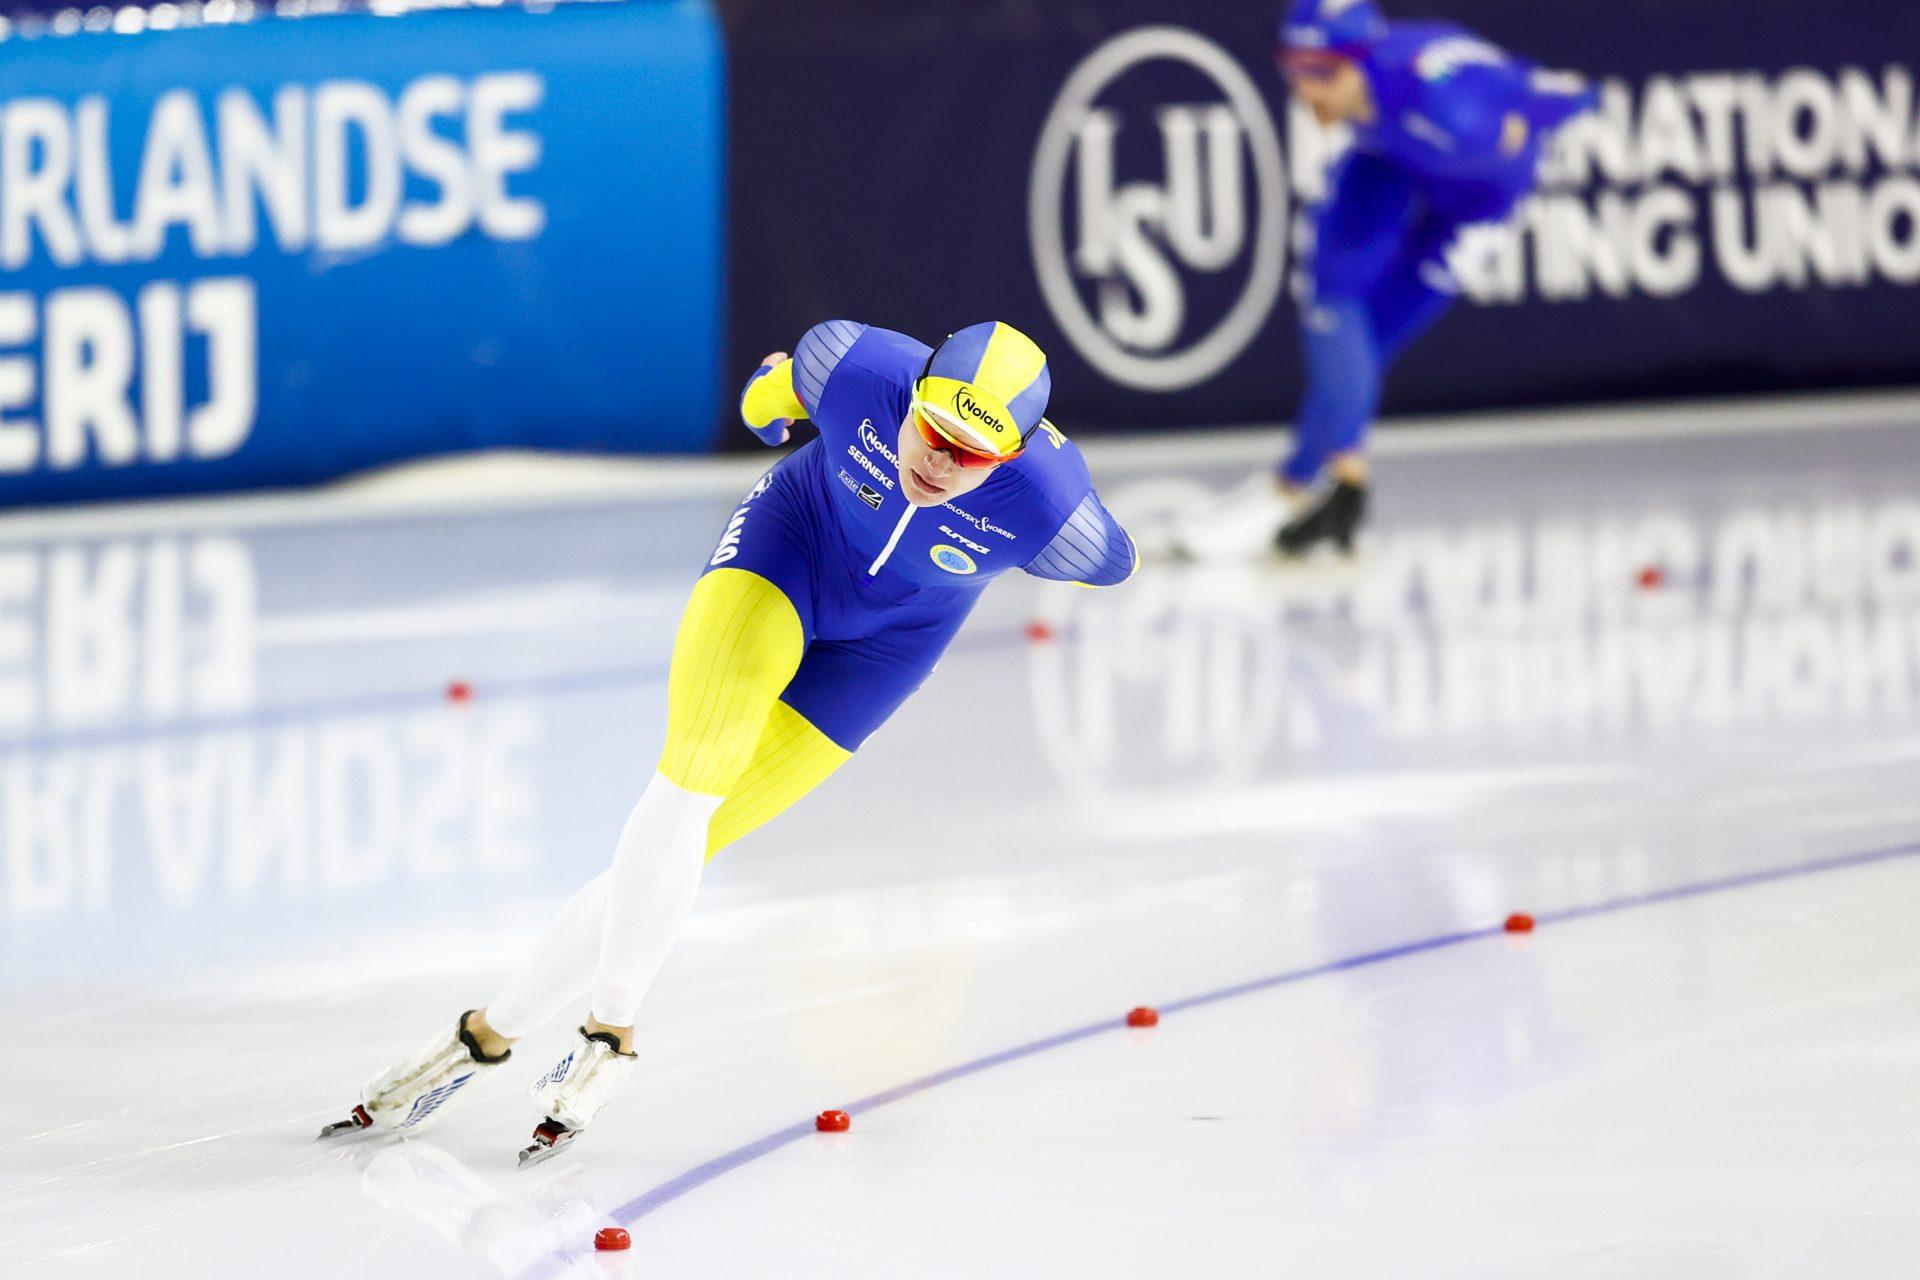 Pleuris in het schaatsen: er werd inderdaad valsgespeeld in Thialf - Sportnieuws.nl